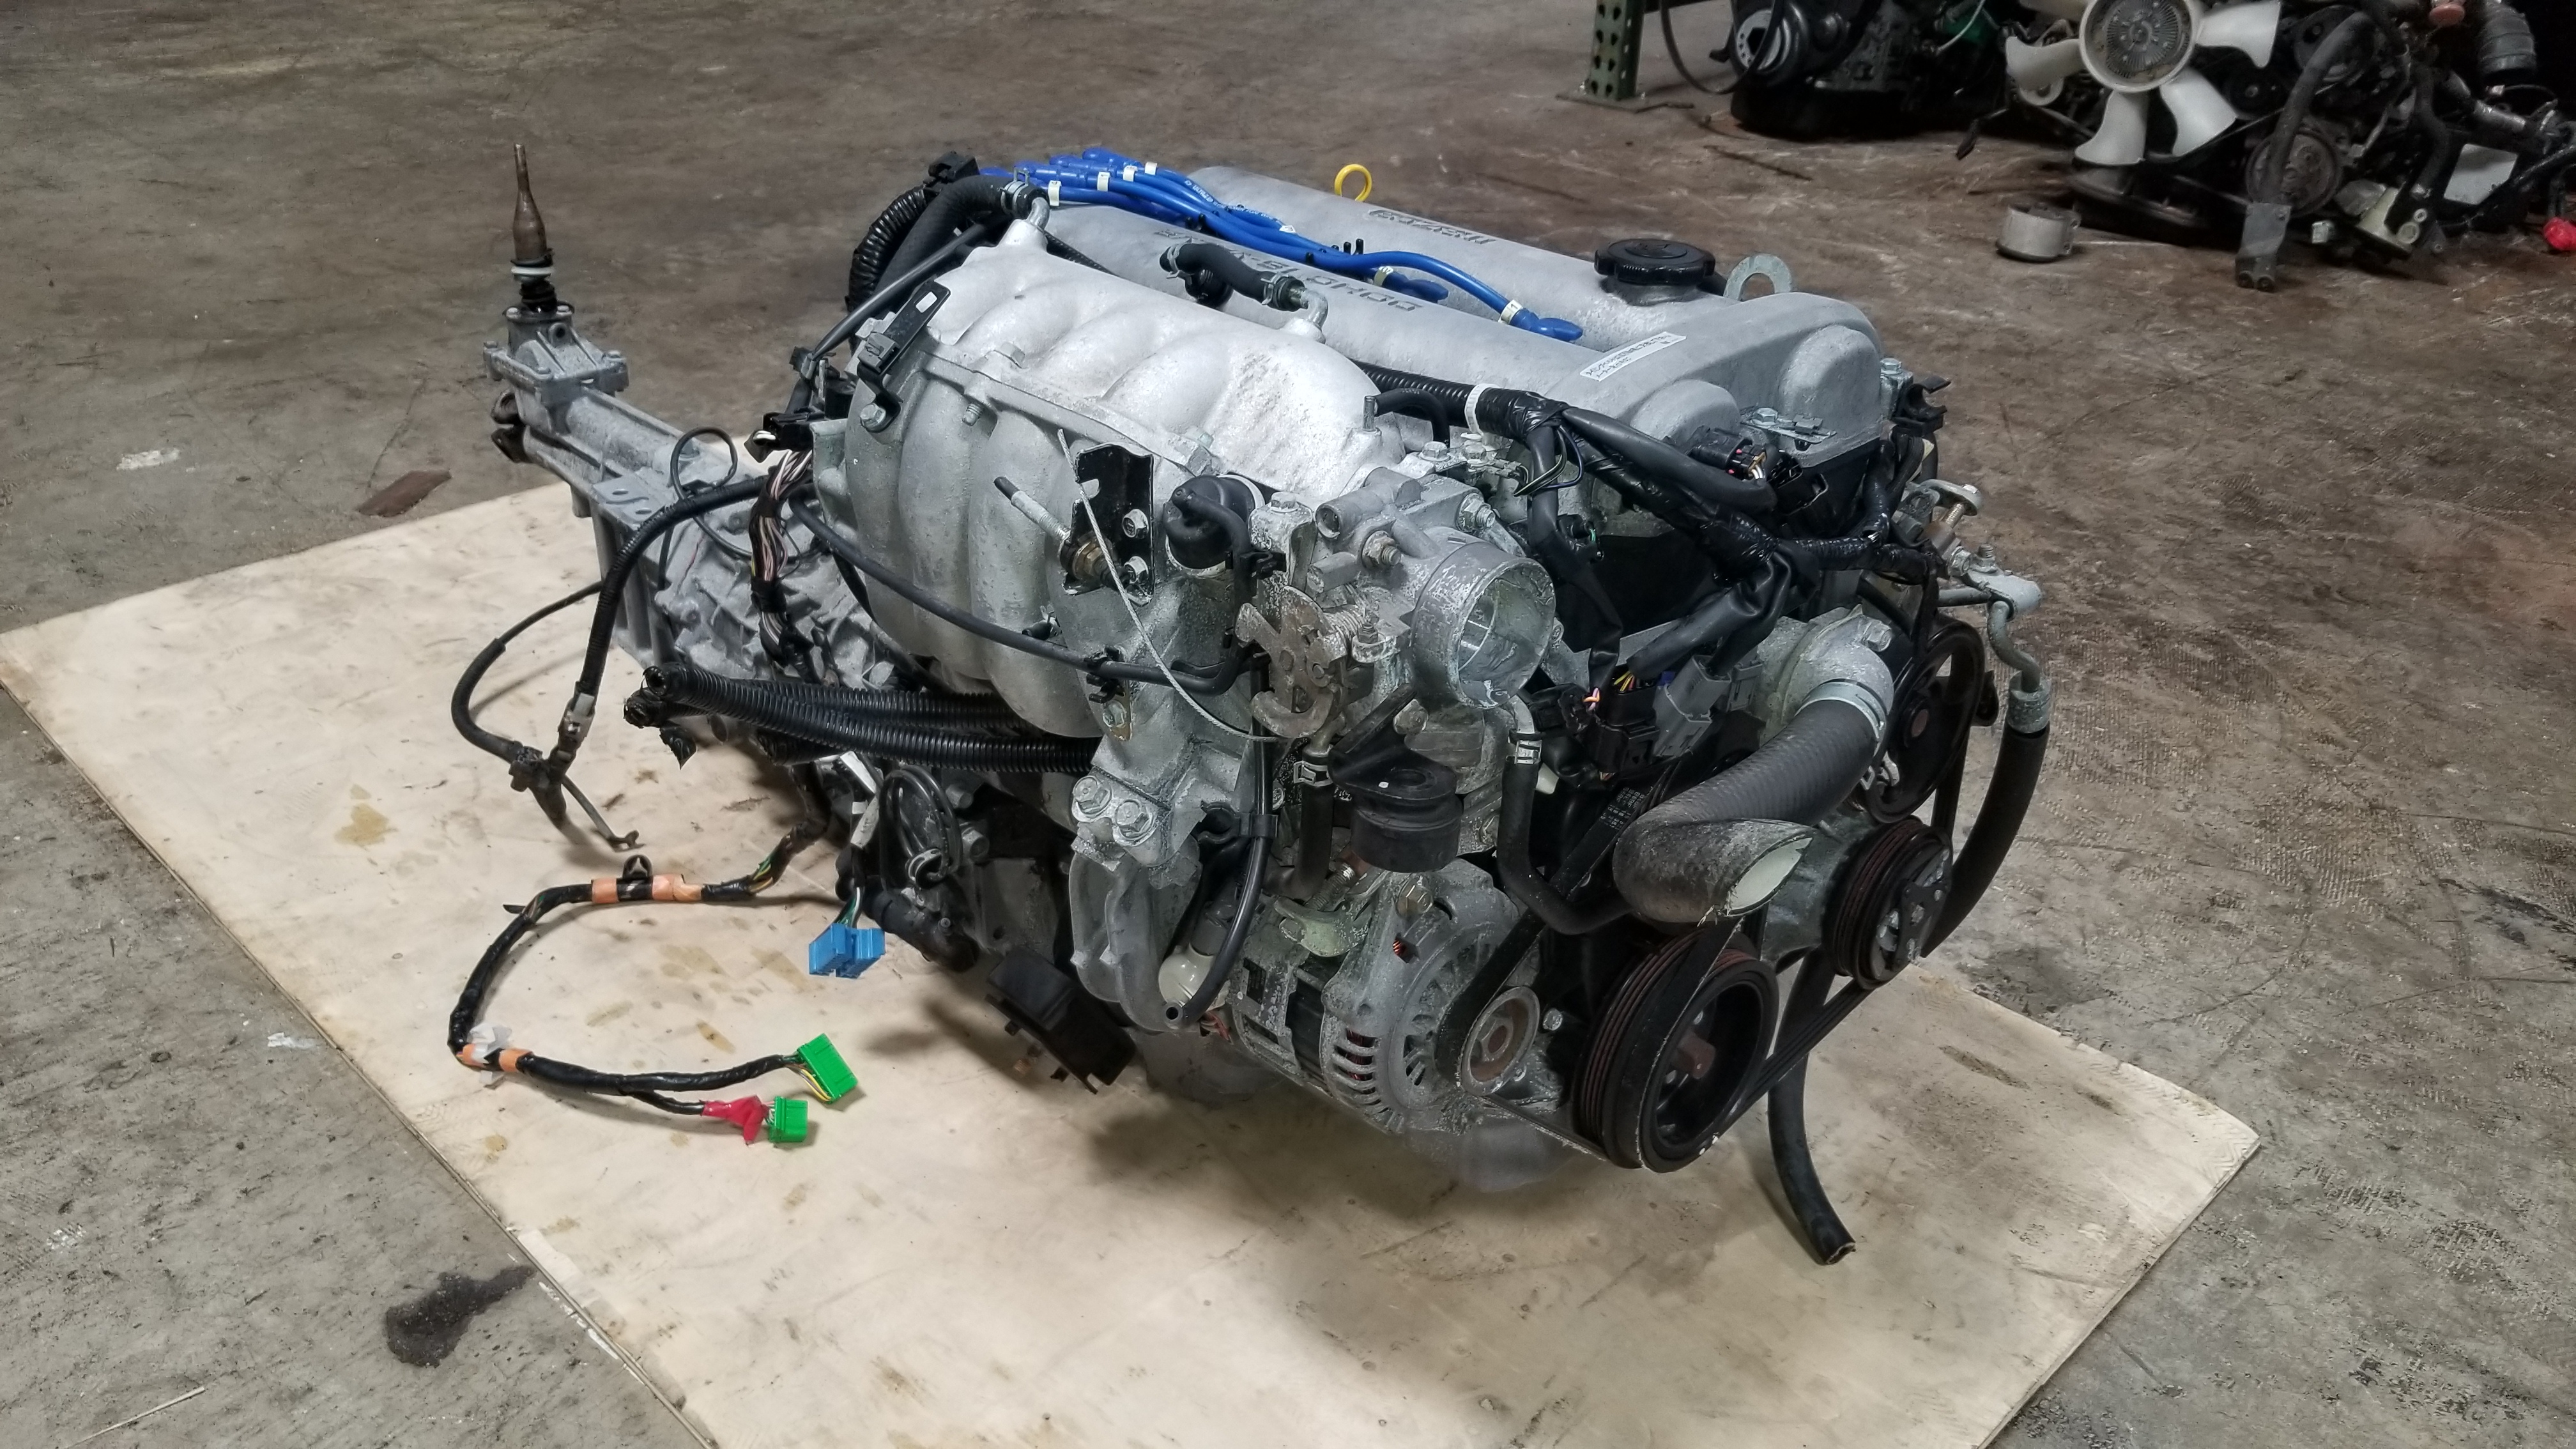 Nissan Chula Vista >> BP5A 1999 2000 Mazda Miata MX5 1.8L JDM BP5A Engine with 6-Speed Manual Transmission | JDM Of ...